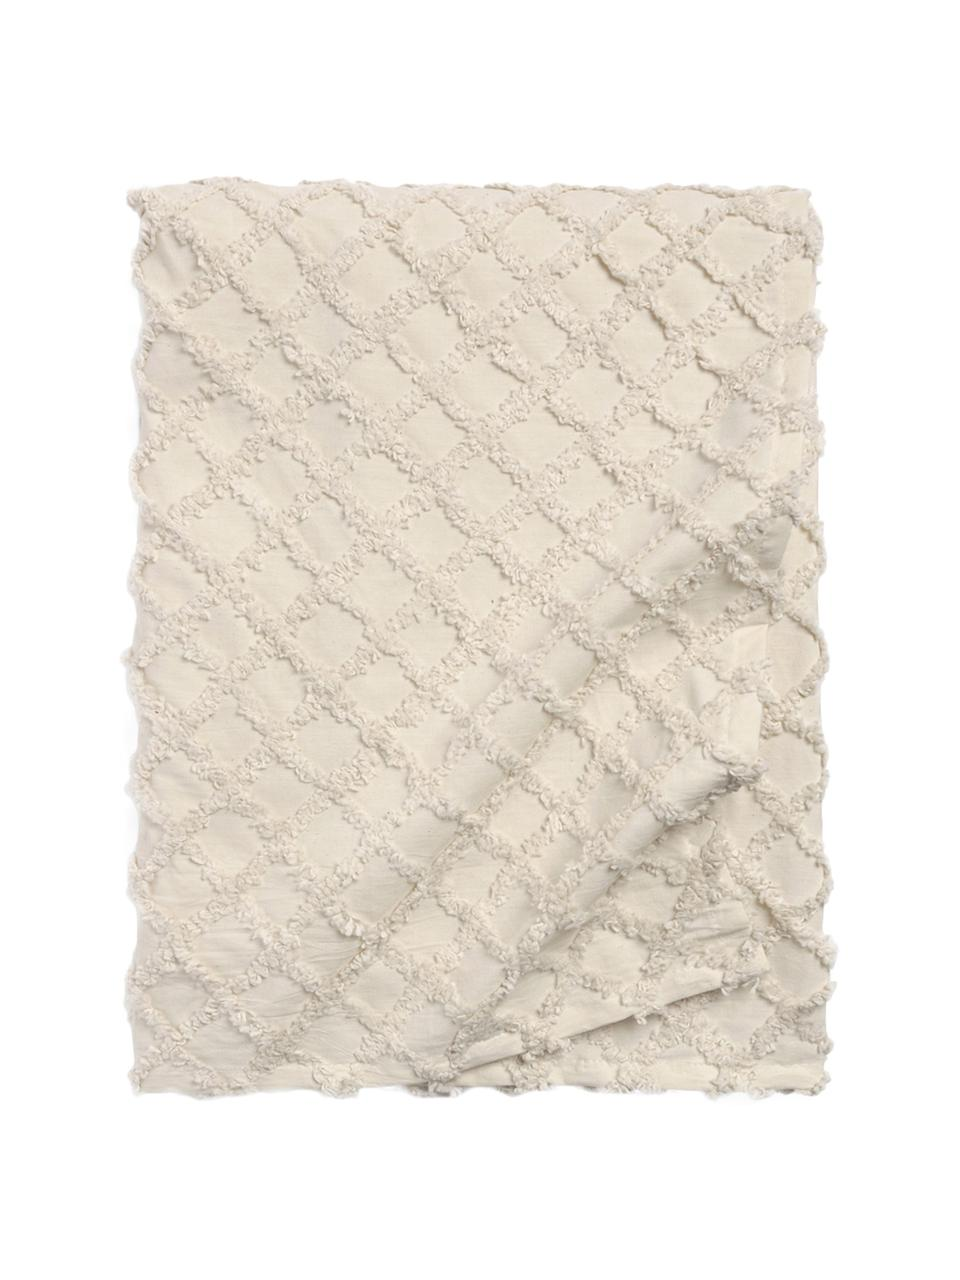 Copriletto in cotone con modello a rilievo Royal, Cotone, Bianco crema, Larg. 240 x Lung. 260 cm